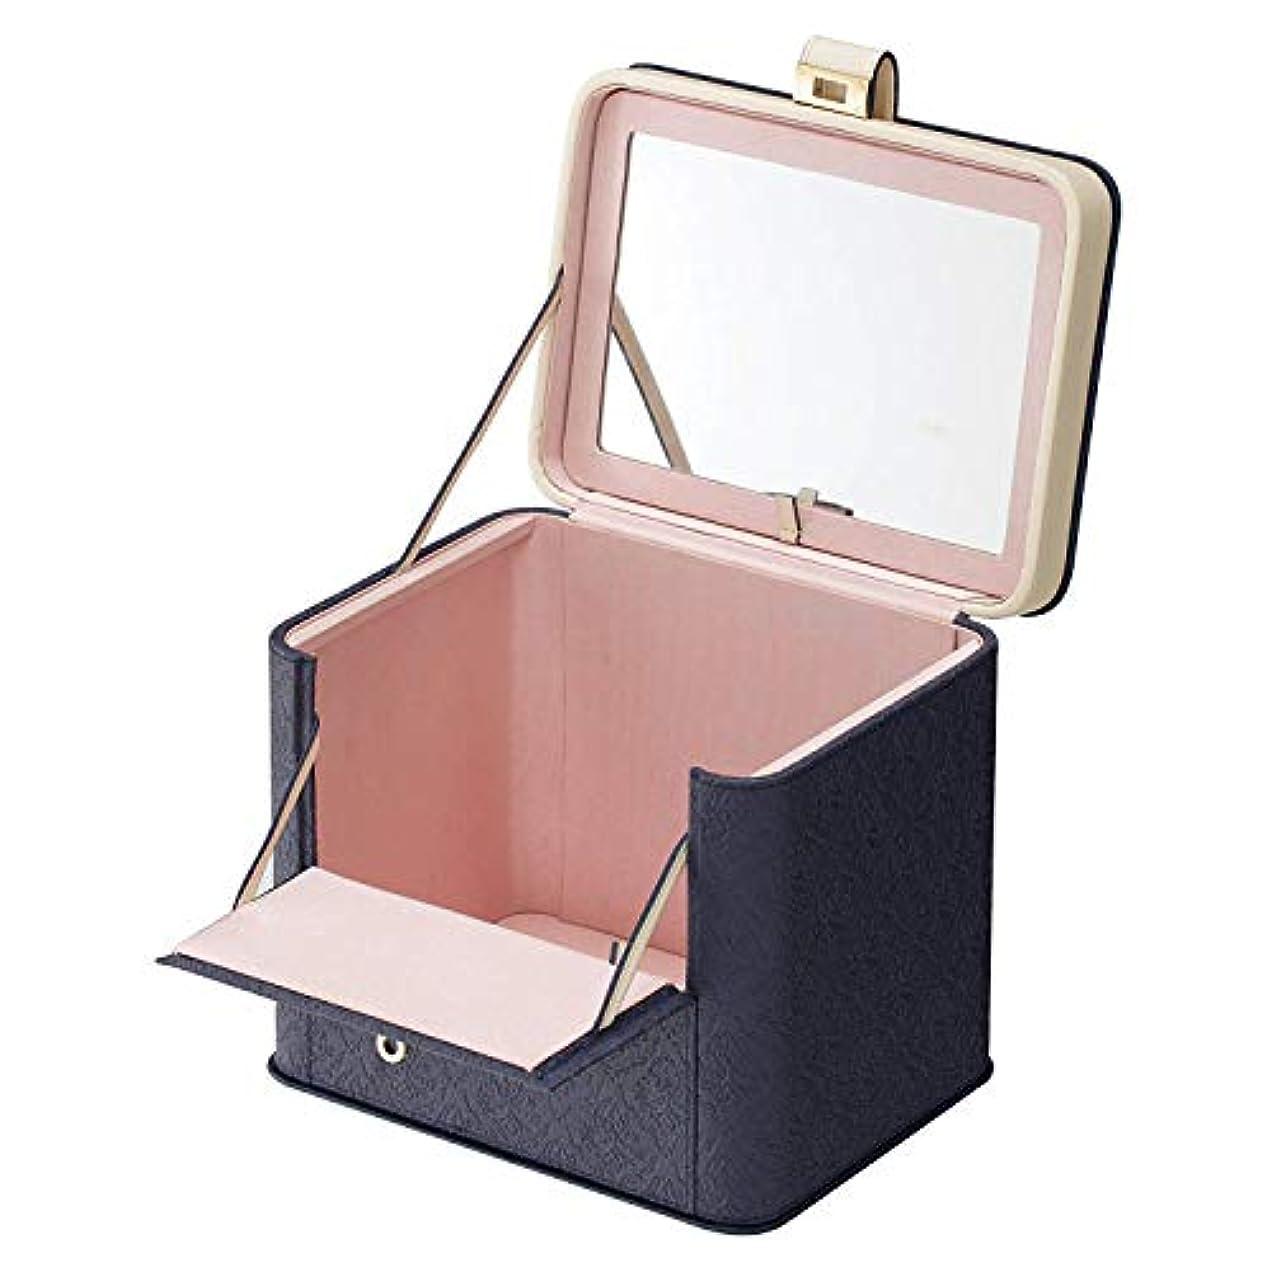 名義で形状感覚カスタマイズでき メイクボックス アラベスク レギュ 化粧箱 ラー ロイヤルネイビー